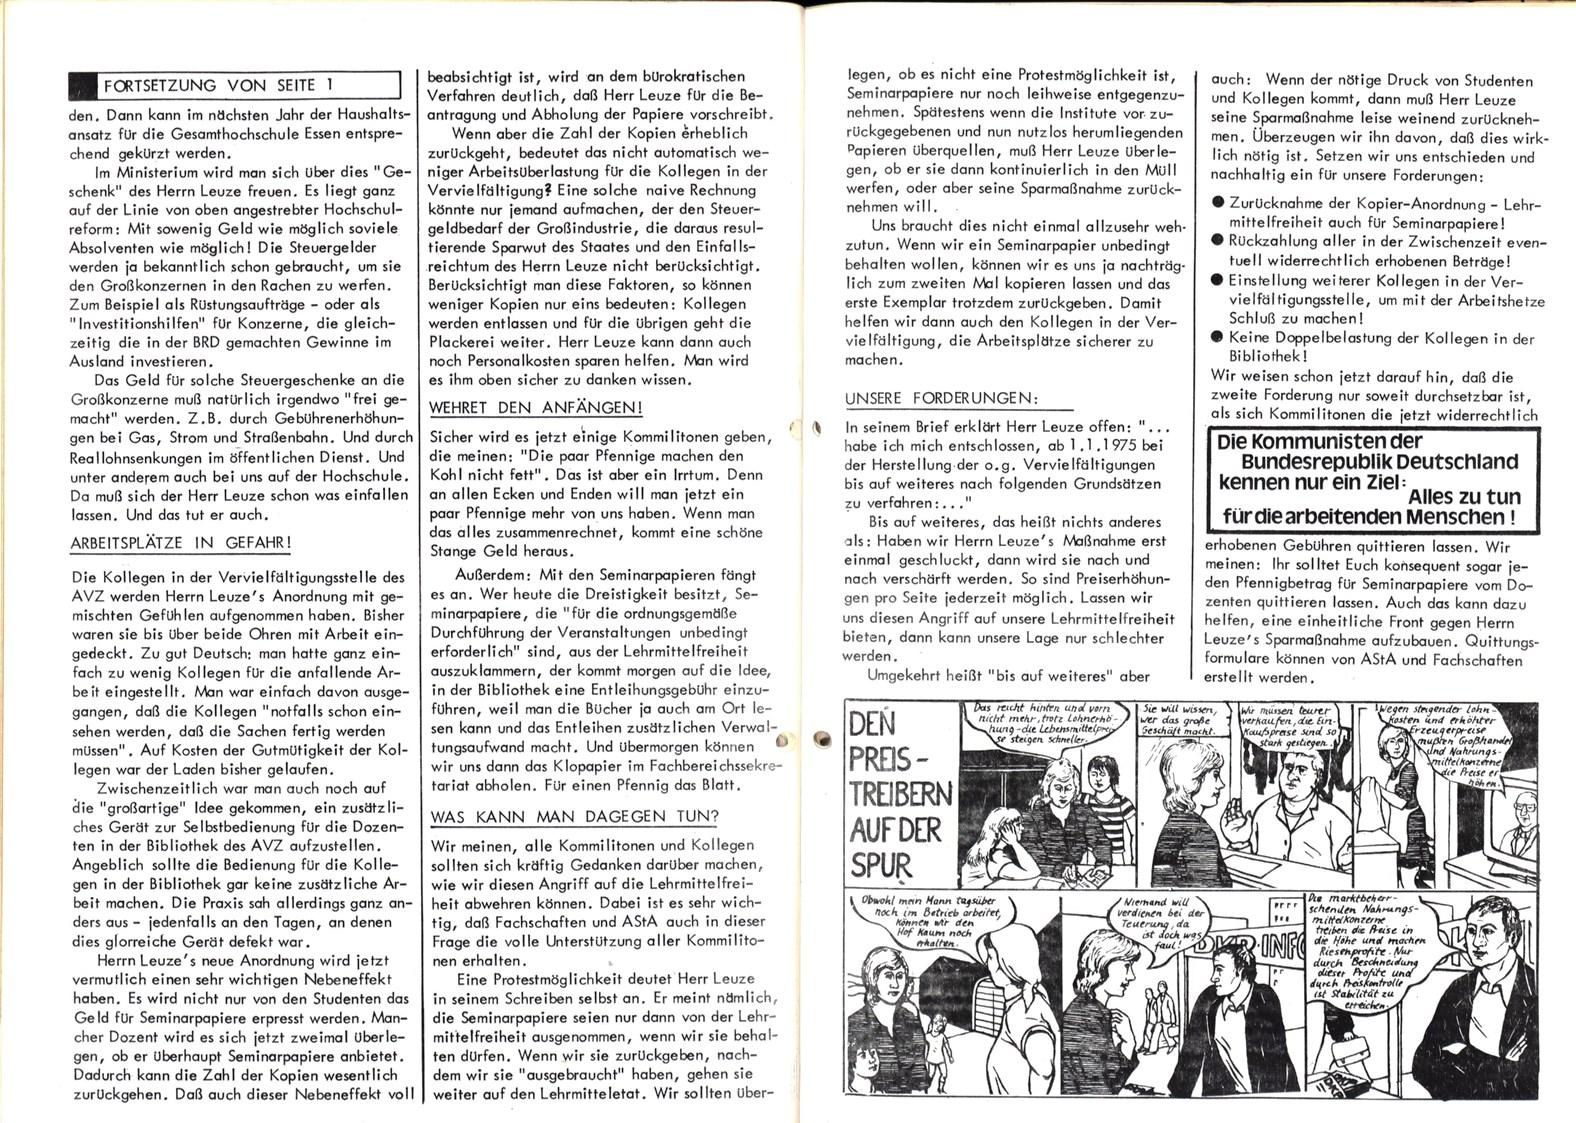 Essen_DKP_Kommunist_19750200_02